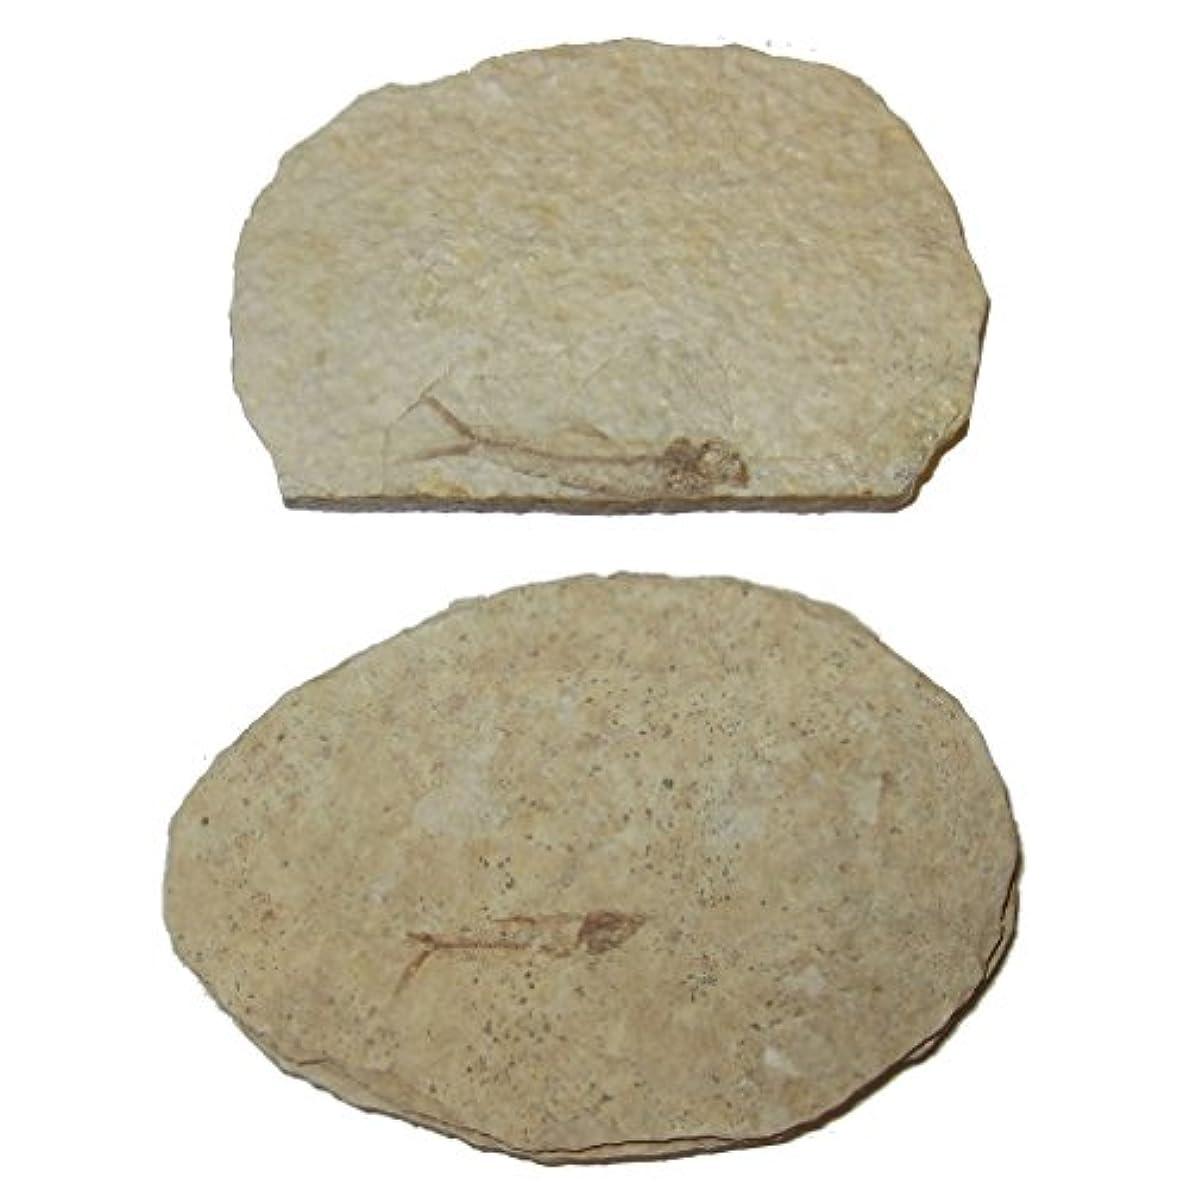 レンディション所有権王女化石スライス51 Fresh Water Herring魚スケルトンAquaticボーンサンプル50万年3